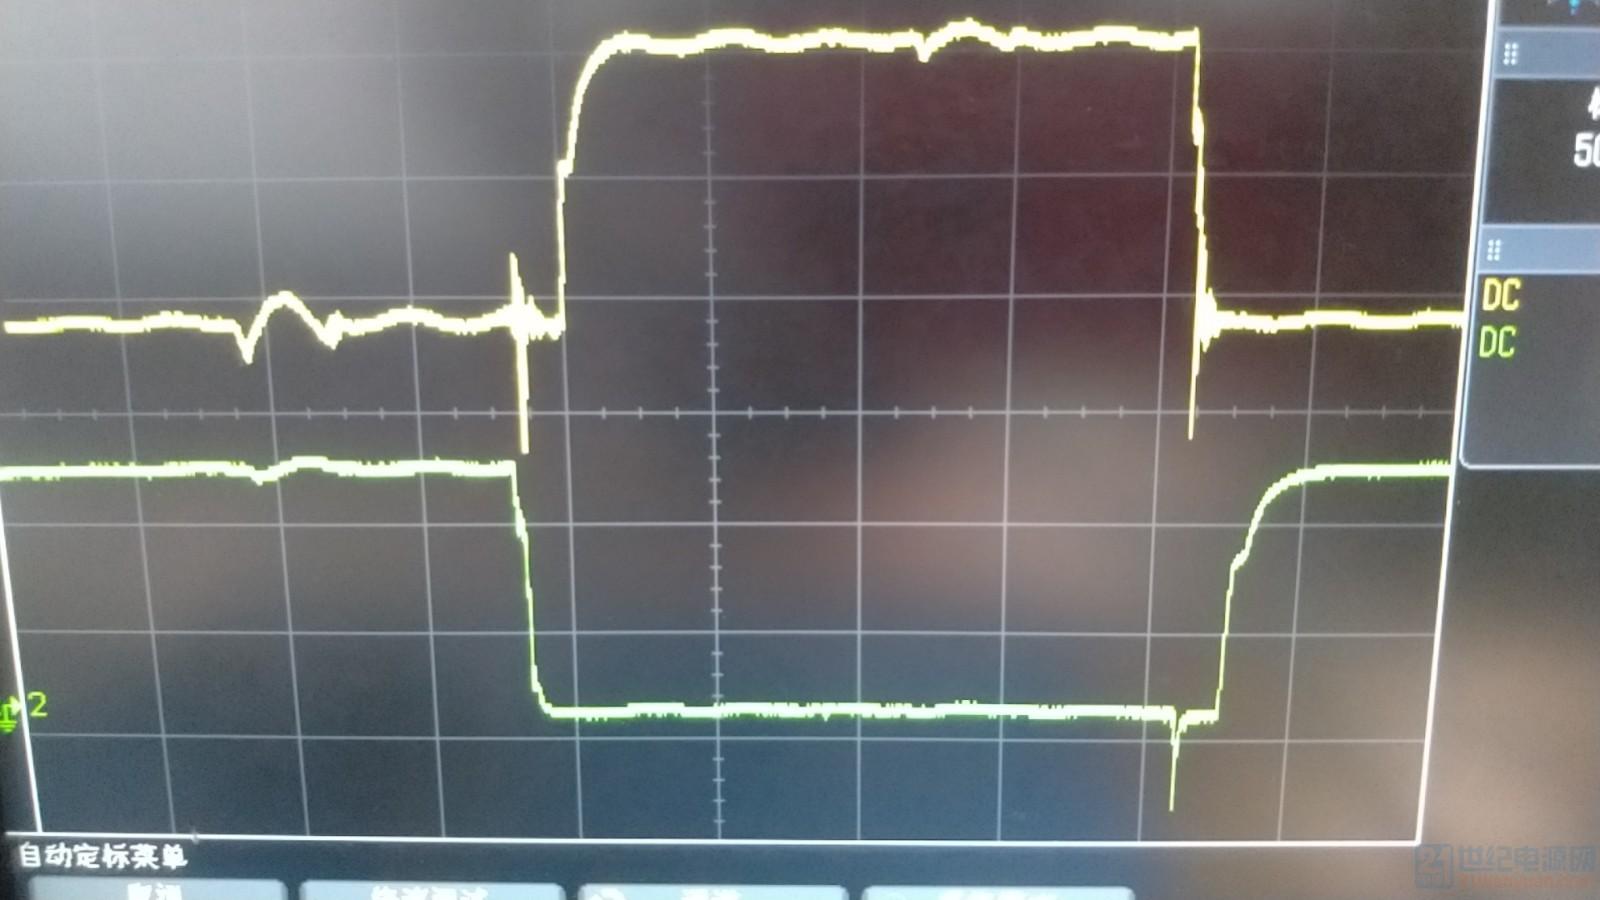 驱动关断下降沿震荡与尖峰幅值有关.jpg